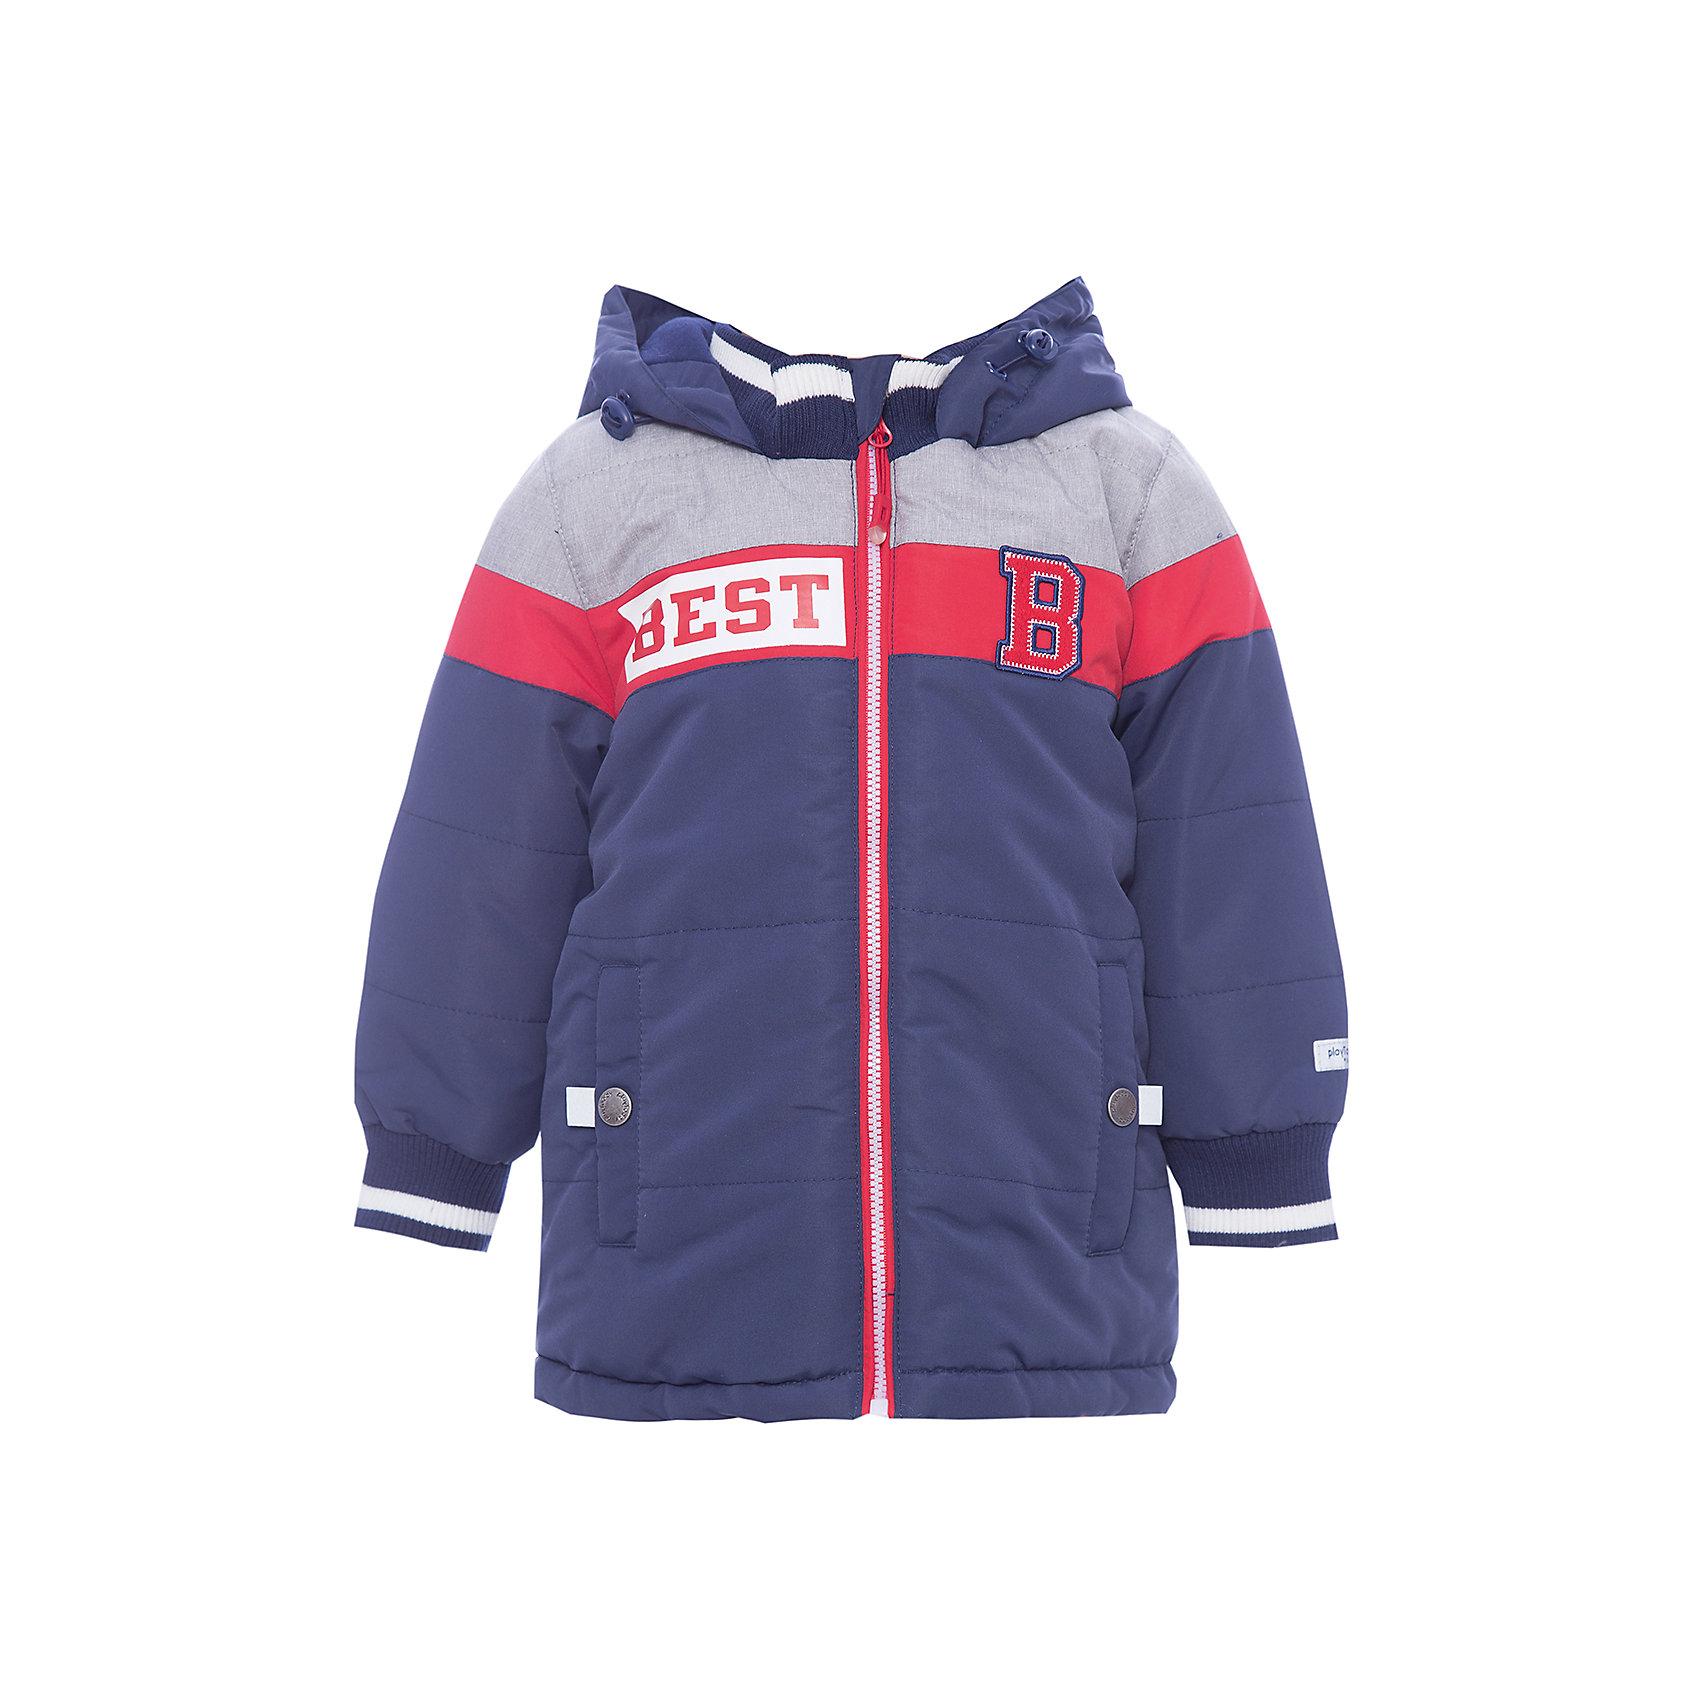 Куртка для мальчика PlayTodayВерхняя одежда<br>Характеристики товара:<br><br>• цвет: синий<br>• состав: 100% полиэстер<br>• подкладка: 80% хлопок, 20% полиэстер<br>• утеплитель: 100% полиэстер, 150 г/м2<br>• температурный режим: от +0°С до +15°С<br>• сезон: демисезон<br>• водоотталкивающая пропитка<br>• карманы<br>• молния с защитой подбородка<br>• эластичные манжеты<br>• светоотражающие элементы<br>• капюшон<br>• страна бренда: Германия<br>• страна производства: Китай<br><br>Куртка с капюшоном для мальчика PlayToday. Практичная утепленная куртка на молнии со специальной водоотталкивающей пропиткой защитит ребенка в любую погоду! Мягкие трикотажные резинки на рукавах защитят ребенка - ветер не сможет проникнуть под куртку.  <br><br>Специальный карман для фиксации застежки-молнии не позволит застежке травмировать нежную детскую кожу. Модель снабжена светоотражателями на рукаве и по низу изделия - ребенок будет виден даже в темное время суток.<br><br>Куртку для мальчика от известного бренда PlayToday можно купить в нашем интернет-магазине.<br><br>Ширина мм: 356<br>Глубина мм: 10<br>Высота мм: 245<br>Вес г: 519<br>Цвет: белый<br>Возраст от месяцев: 18<br>Возраст до месяцев: 24<br>Пол: Мужской<br>Возраст: Детский<br>Размер: 92,74,80,86<br>SKU: 5407690